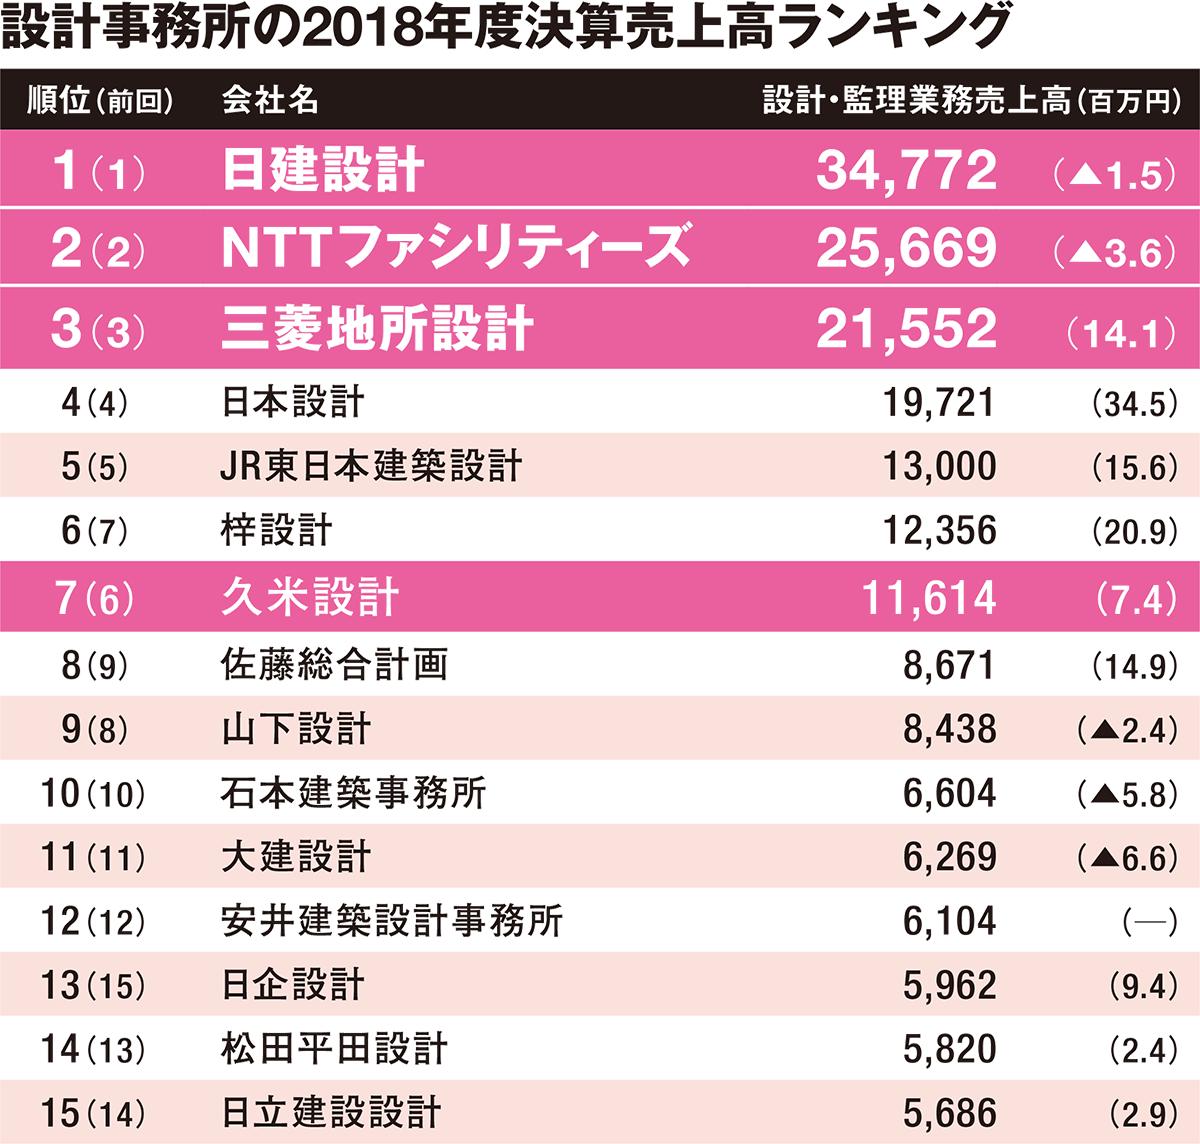 (資料:日経アーキテクチュア)